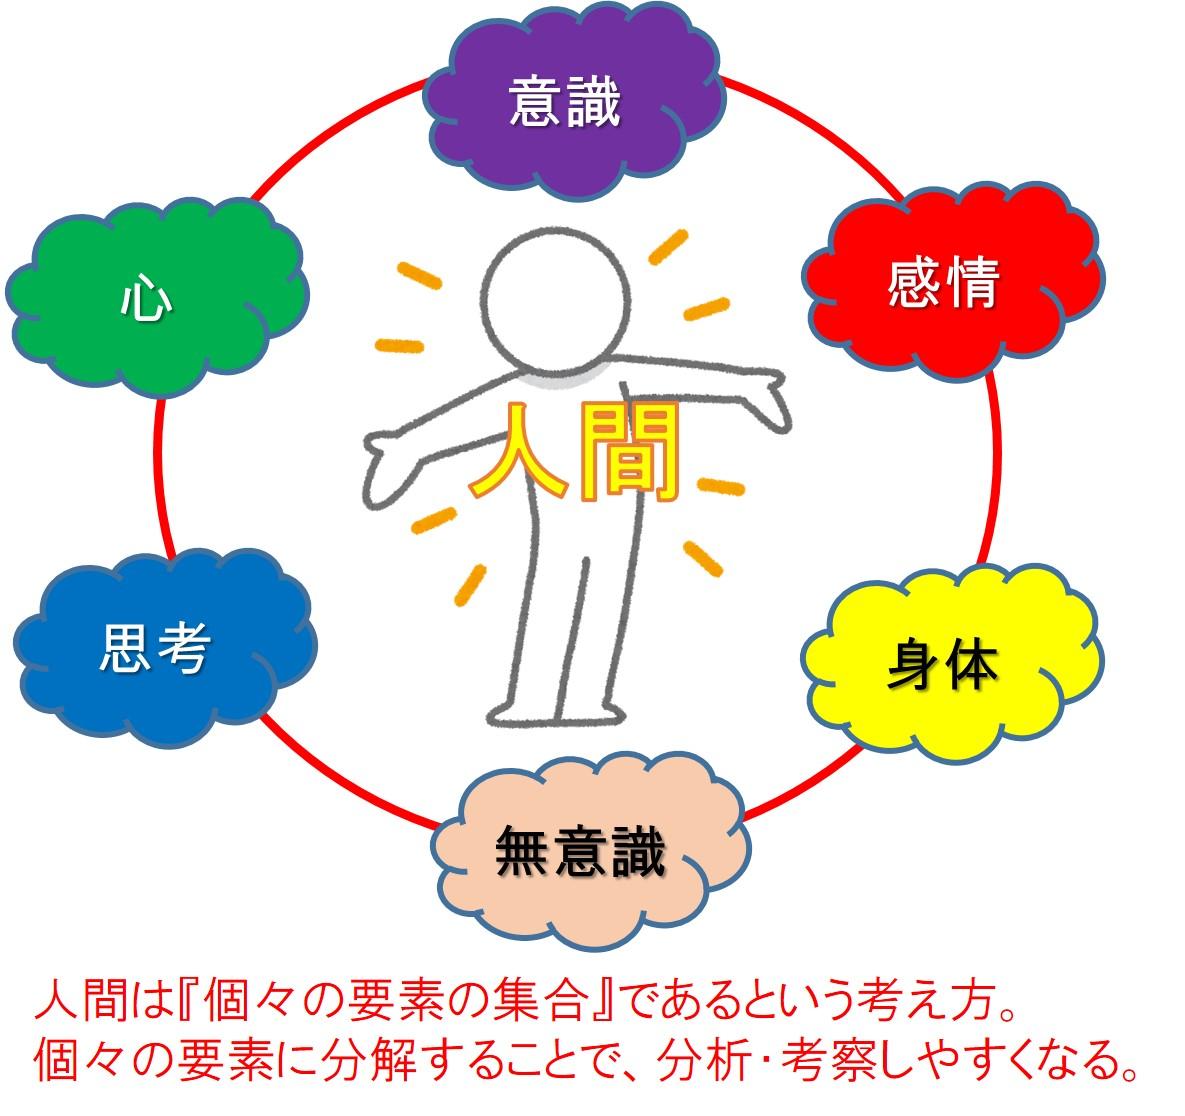 理由 を 学ぶ 心理 学